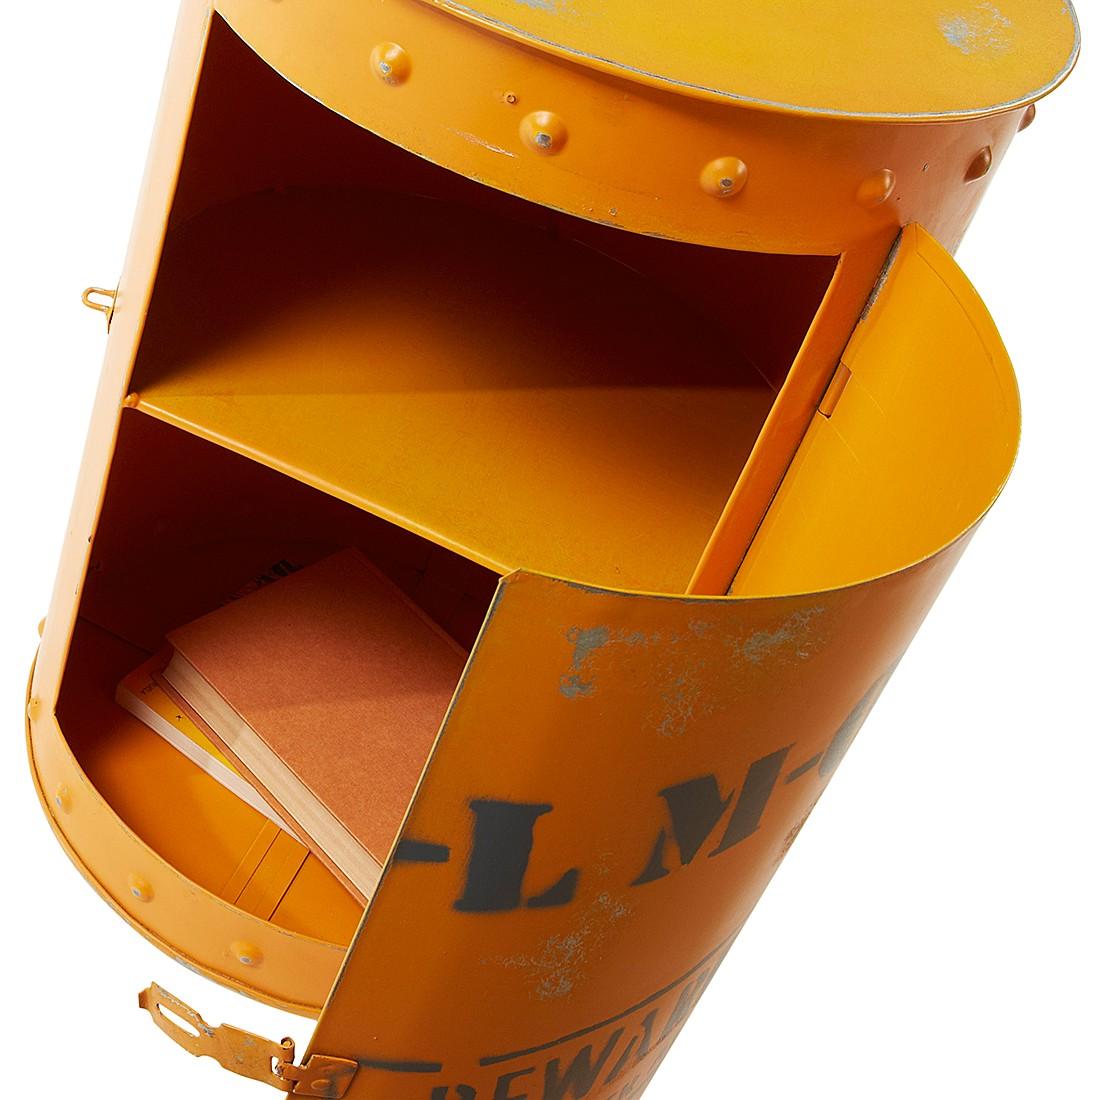 Beistelltisch sorn orange furnlab m ju 000250 kauf dir for Beistelltisch orange